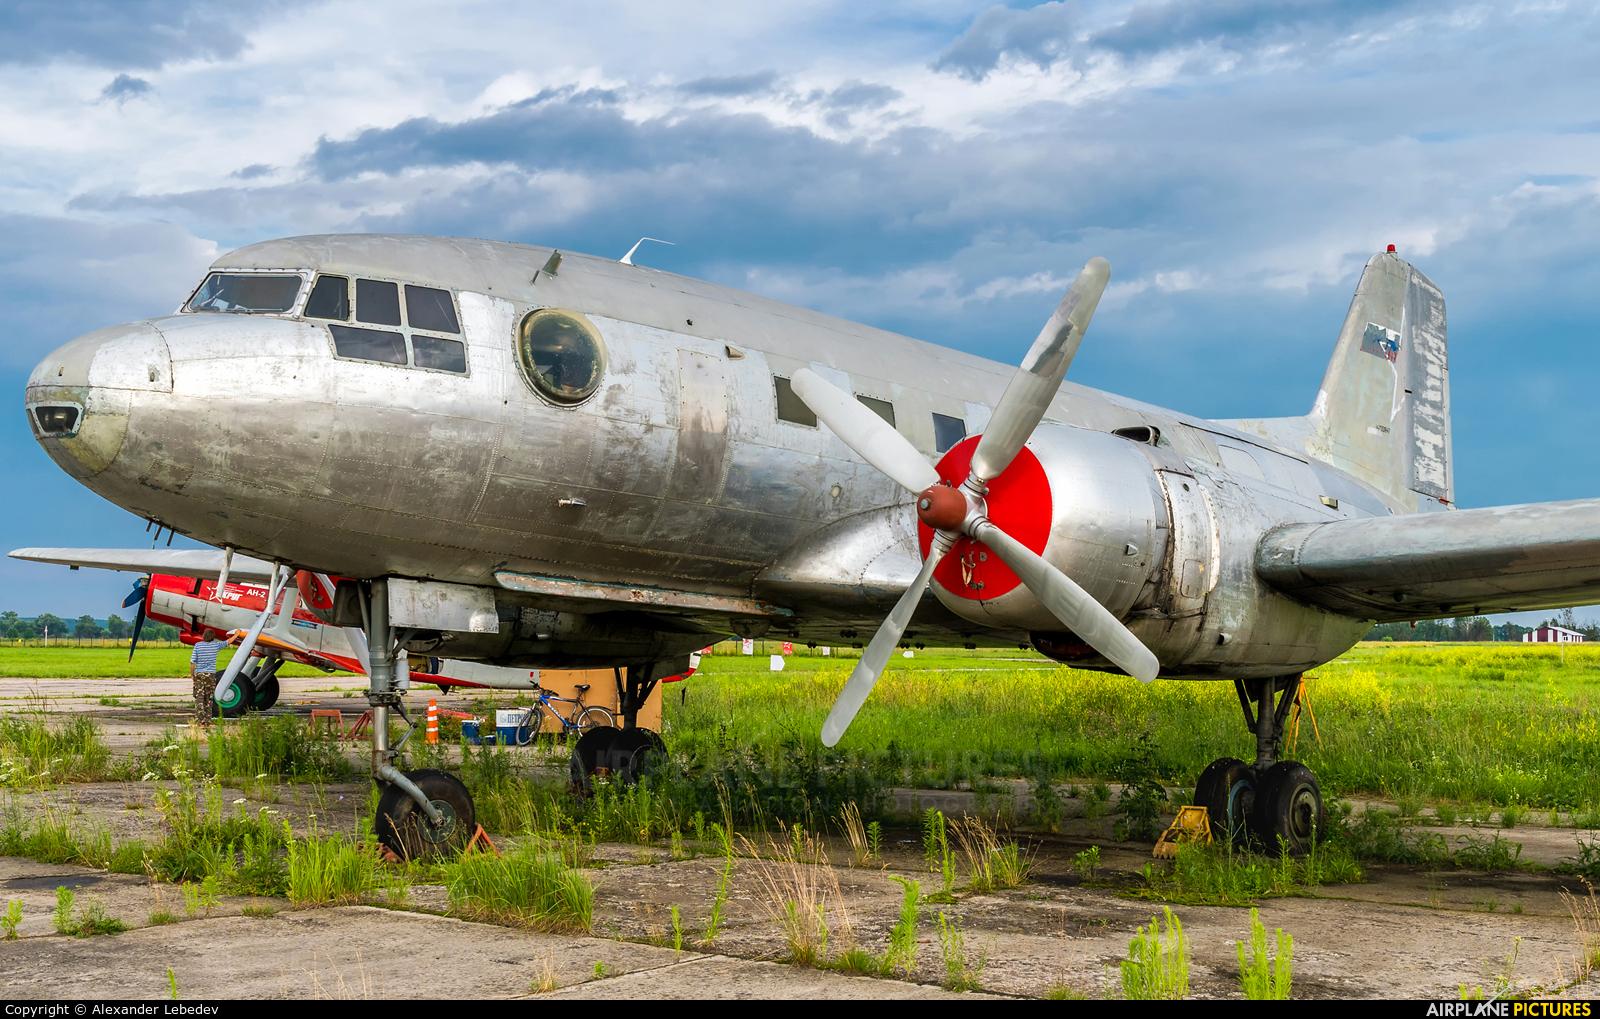 Albatros Aero FLARF-01707 aircraft at Orlovka